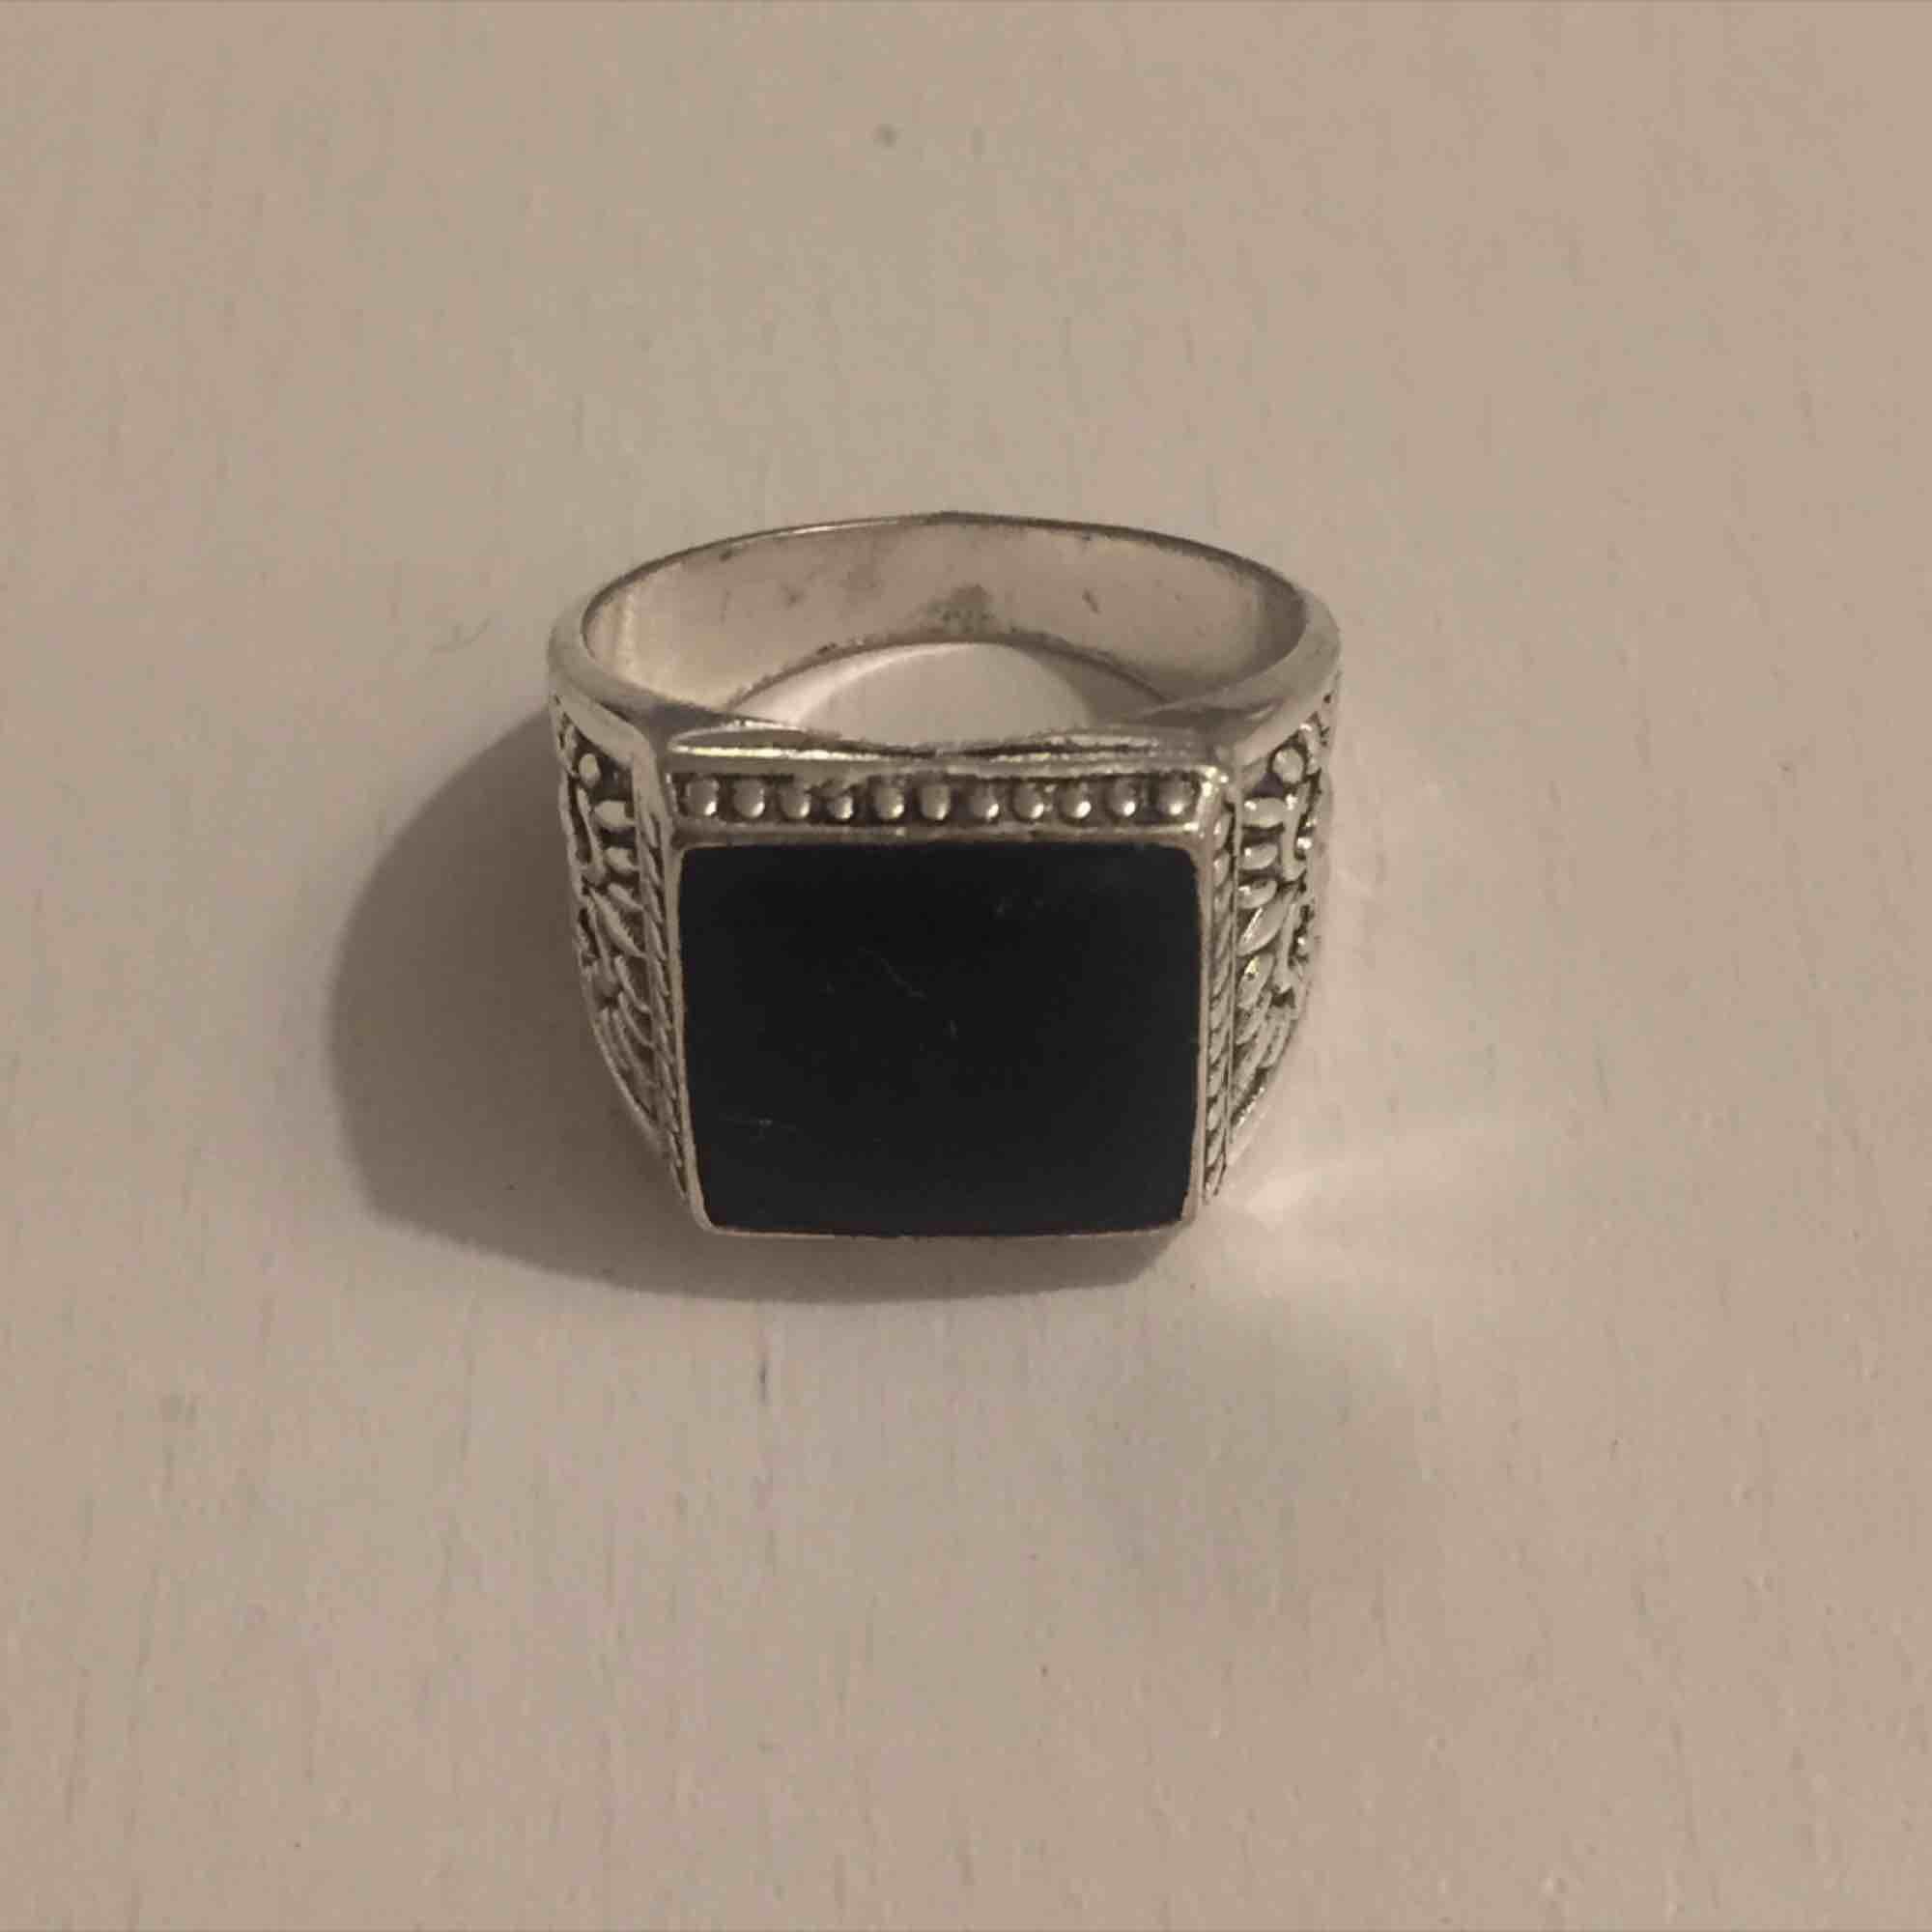 Säljer min ring som tyvärr inte kommer till användning längre :-( har ba lite limm som man kan se på bild 3 men det syns ej tydligt och annars är den felfri. Kan mötas i Sthlm eller skicka (köparen står för frakt). Accessoarer.